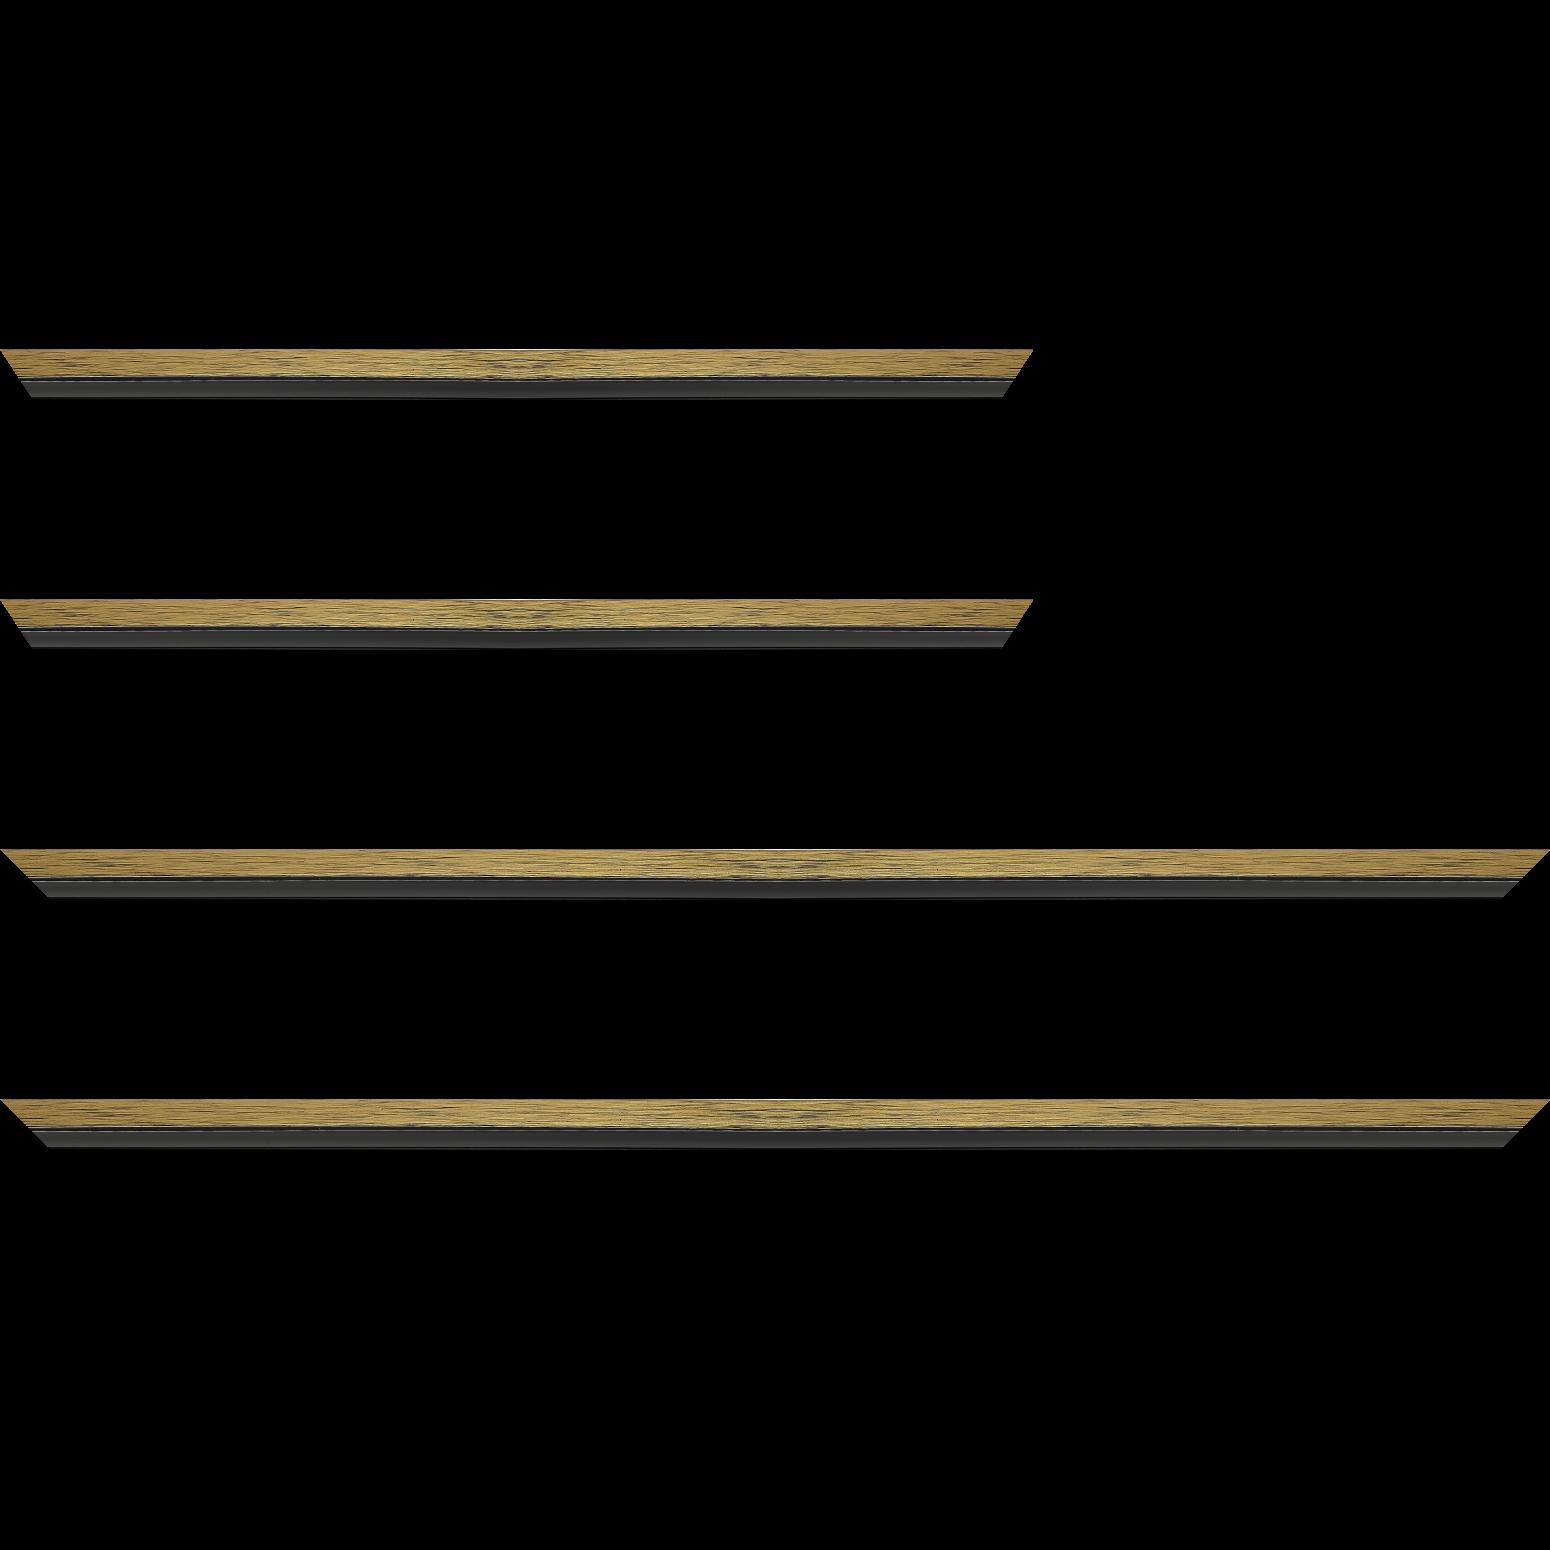 Baguette service précoupé Bois profil plat largeur 1.6cm couleur or contemporain filet noir en retrait de la face du cadre de 6mm assurant un effet très original